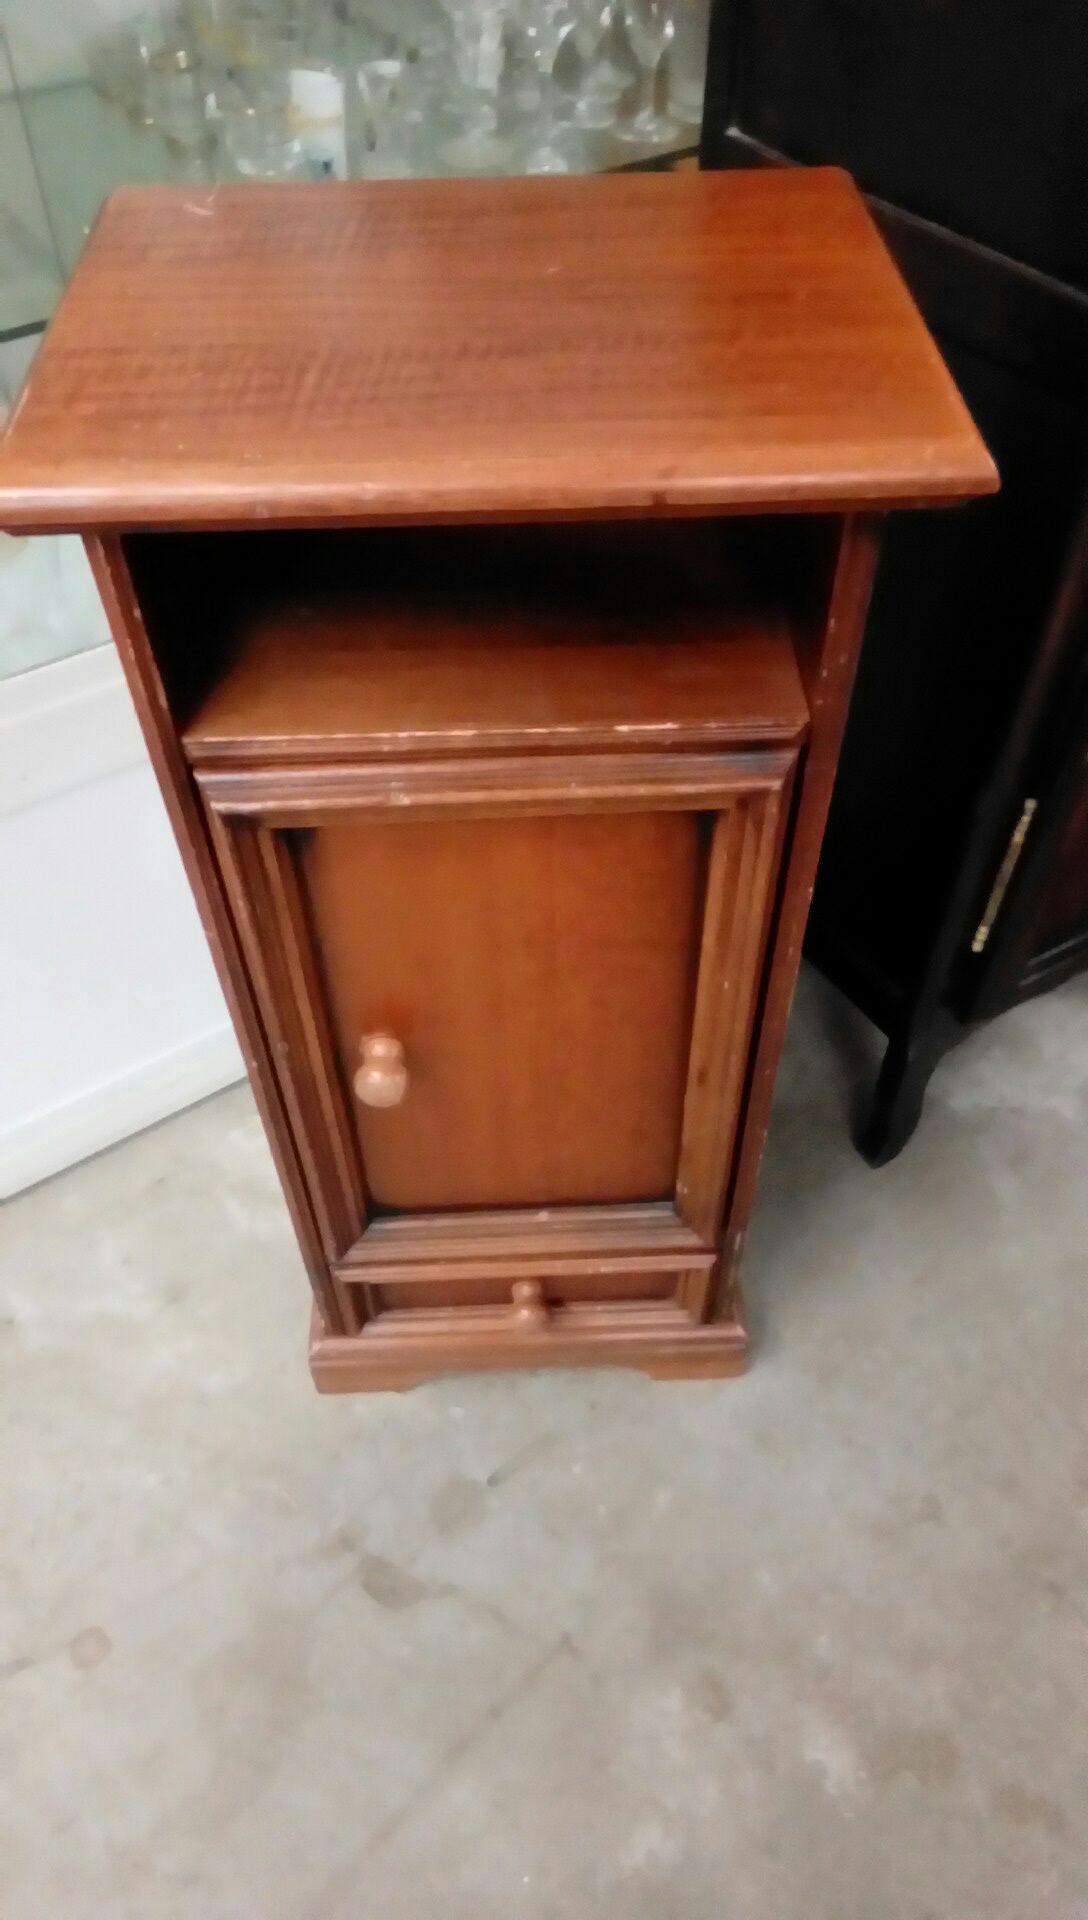 meuble rustique 1p1t occasion troc nancy. Black Bedroom Furniture Sets. Home Design Ideas